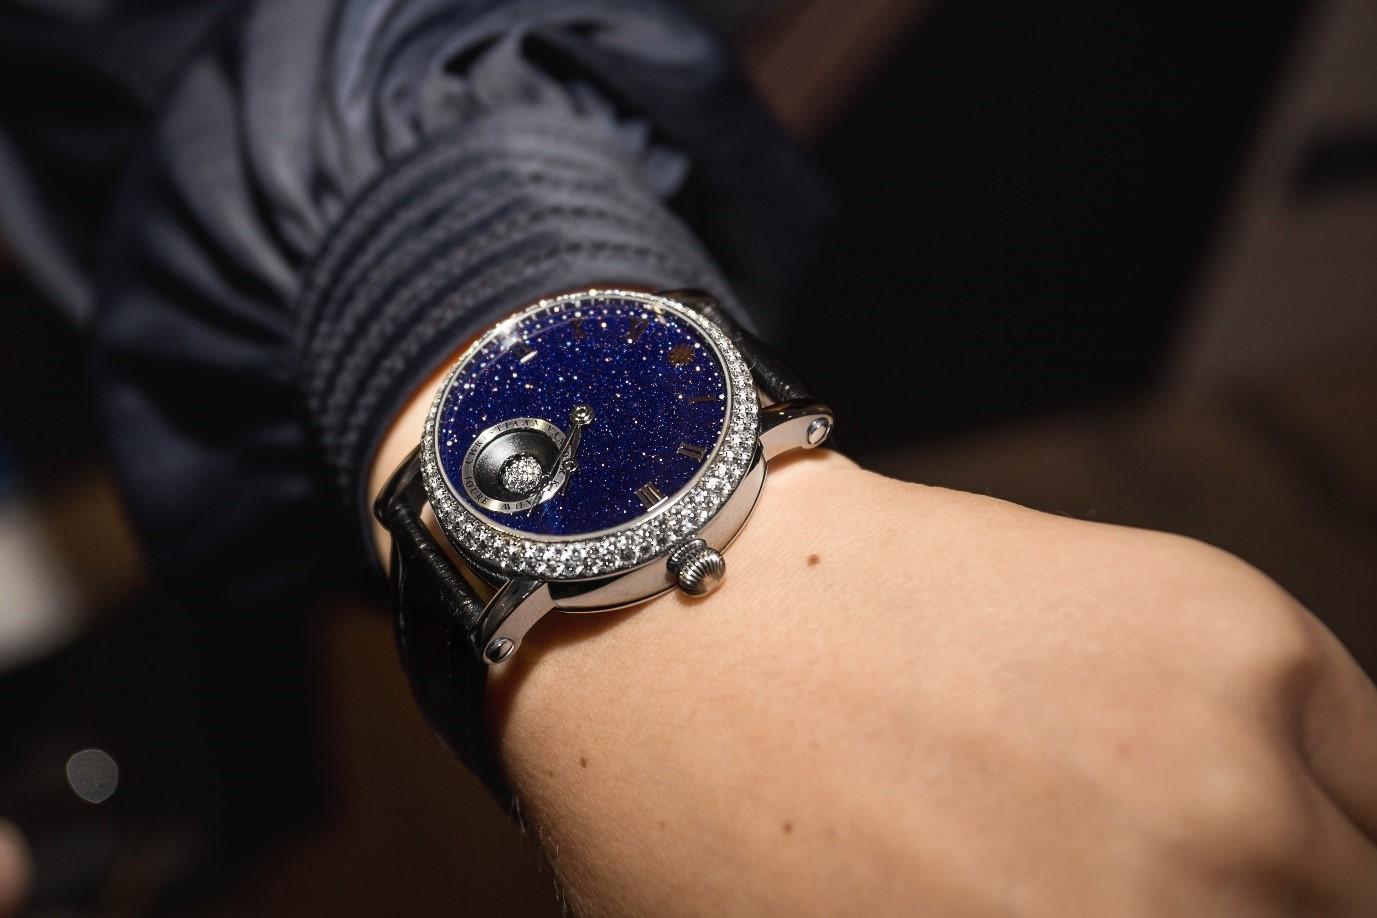 Christiaan van der Klaauw wrist watch